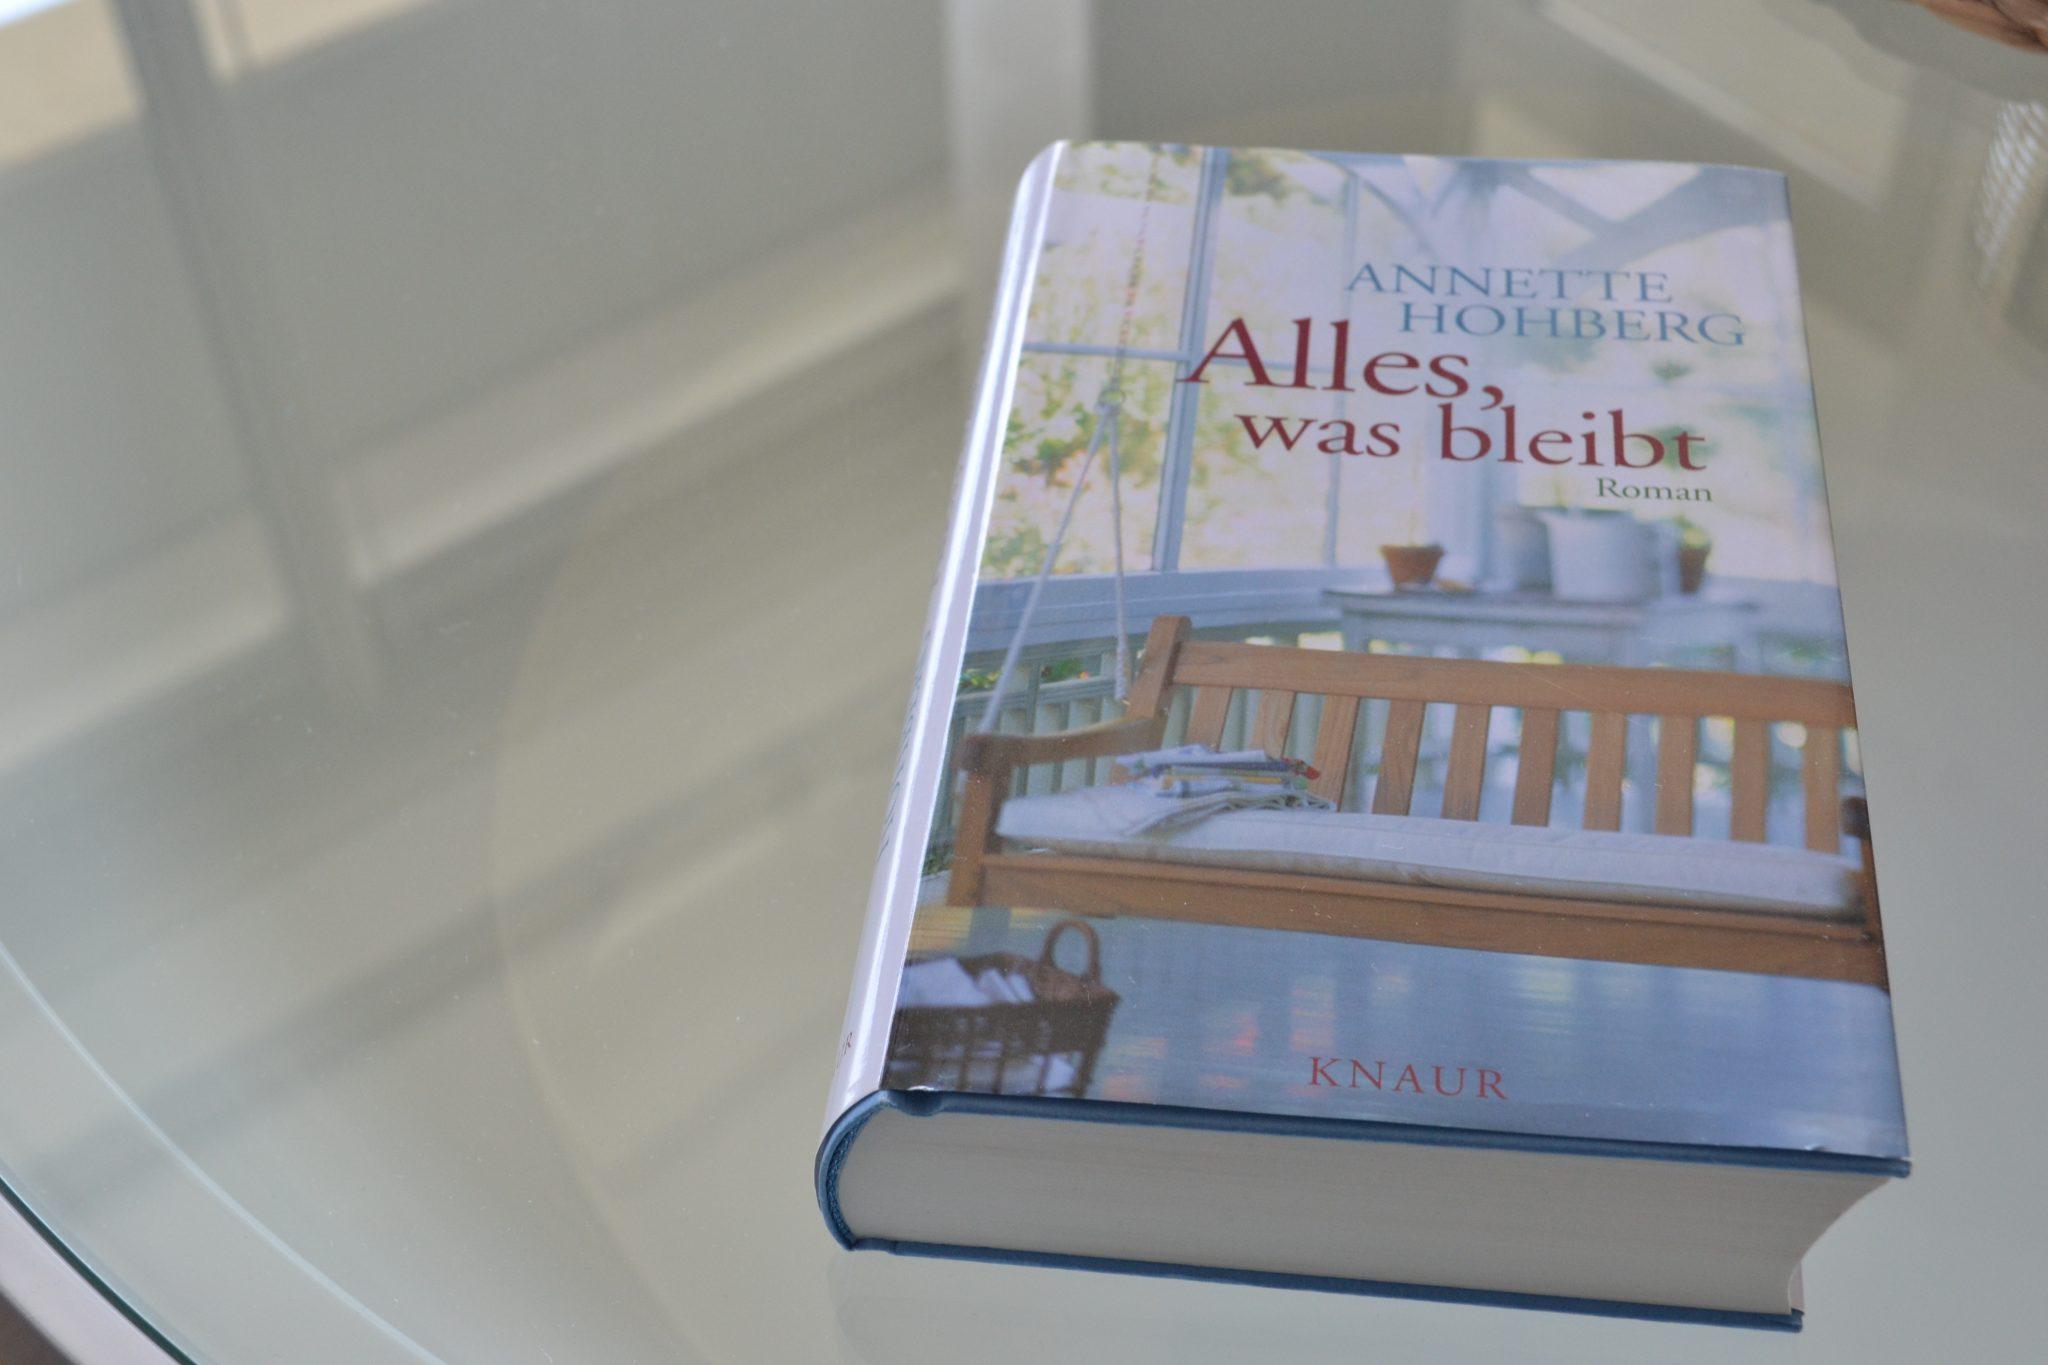 Books: Alles, was bleibt | Anette Hohberg - DSC 0321